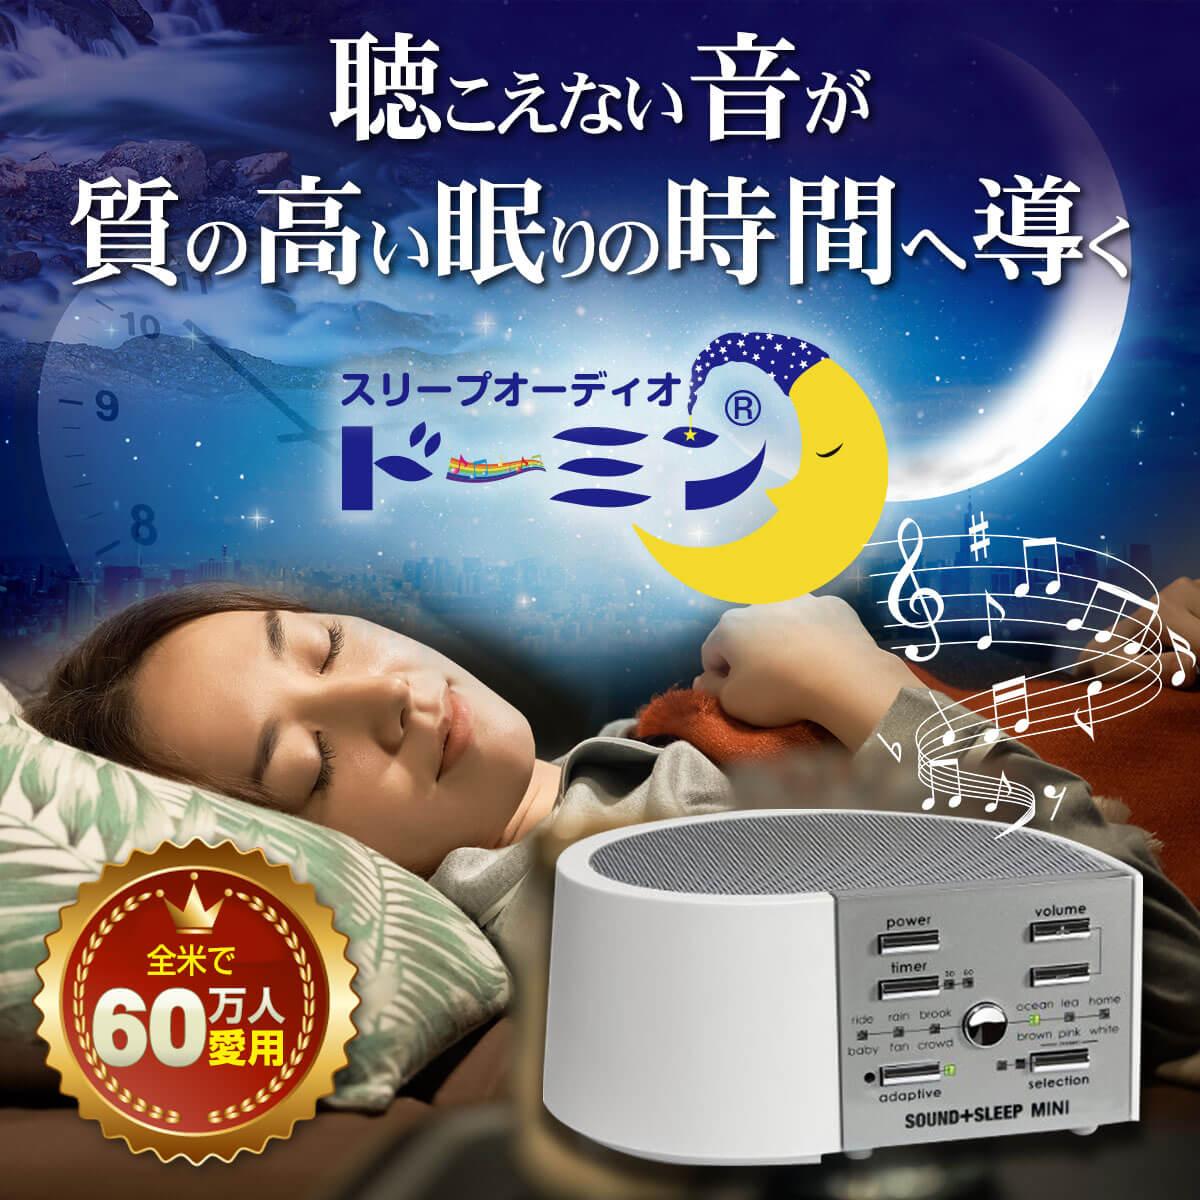 ホワイトノイズ テレワーク 生活音 騒音 排除 不眠 スリープオーディオ ドーミン サウンドマシン 快眠 在宅勤務 1人暮らし 必要なもの おうち時間